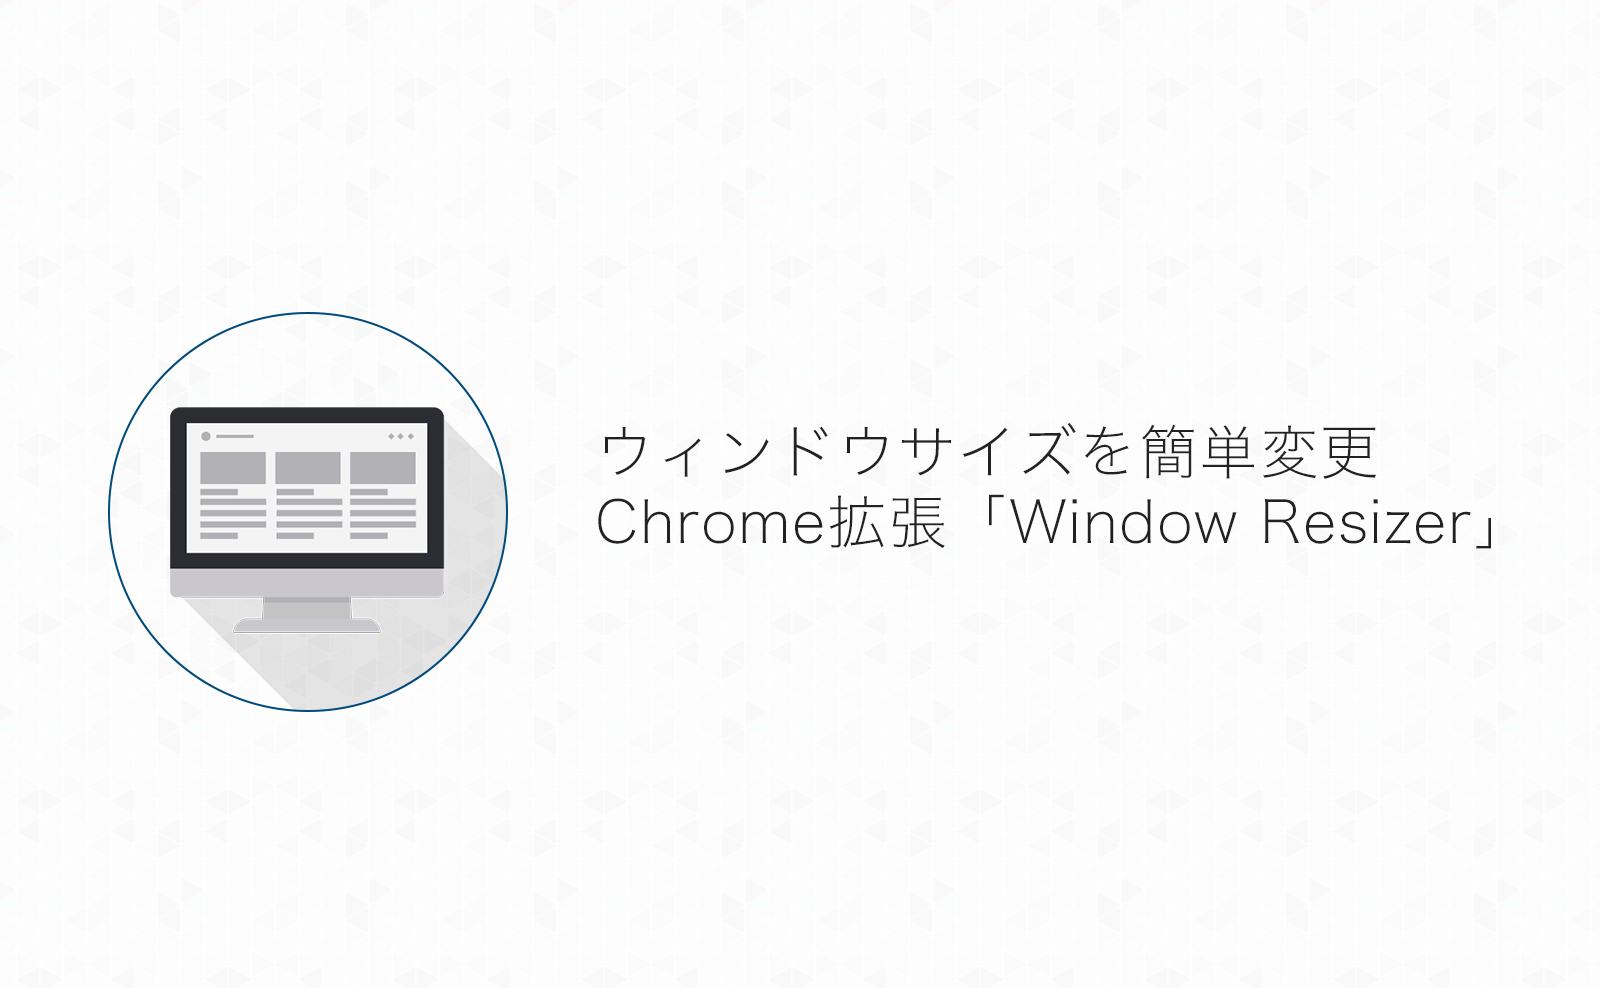 ブラウザのサイズを一発変更!ブログの表示確認やスクショに便利なChrome拡張「Window Resizer」